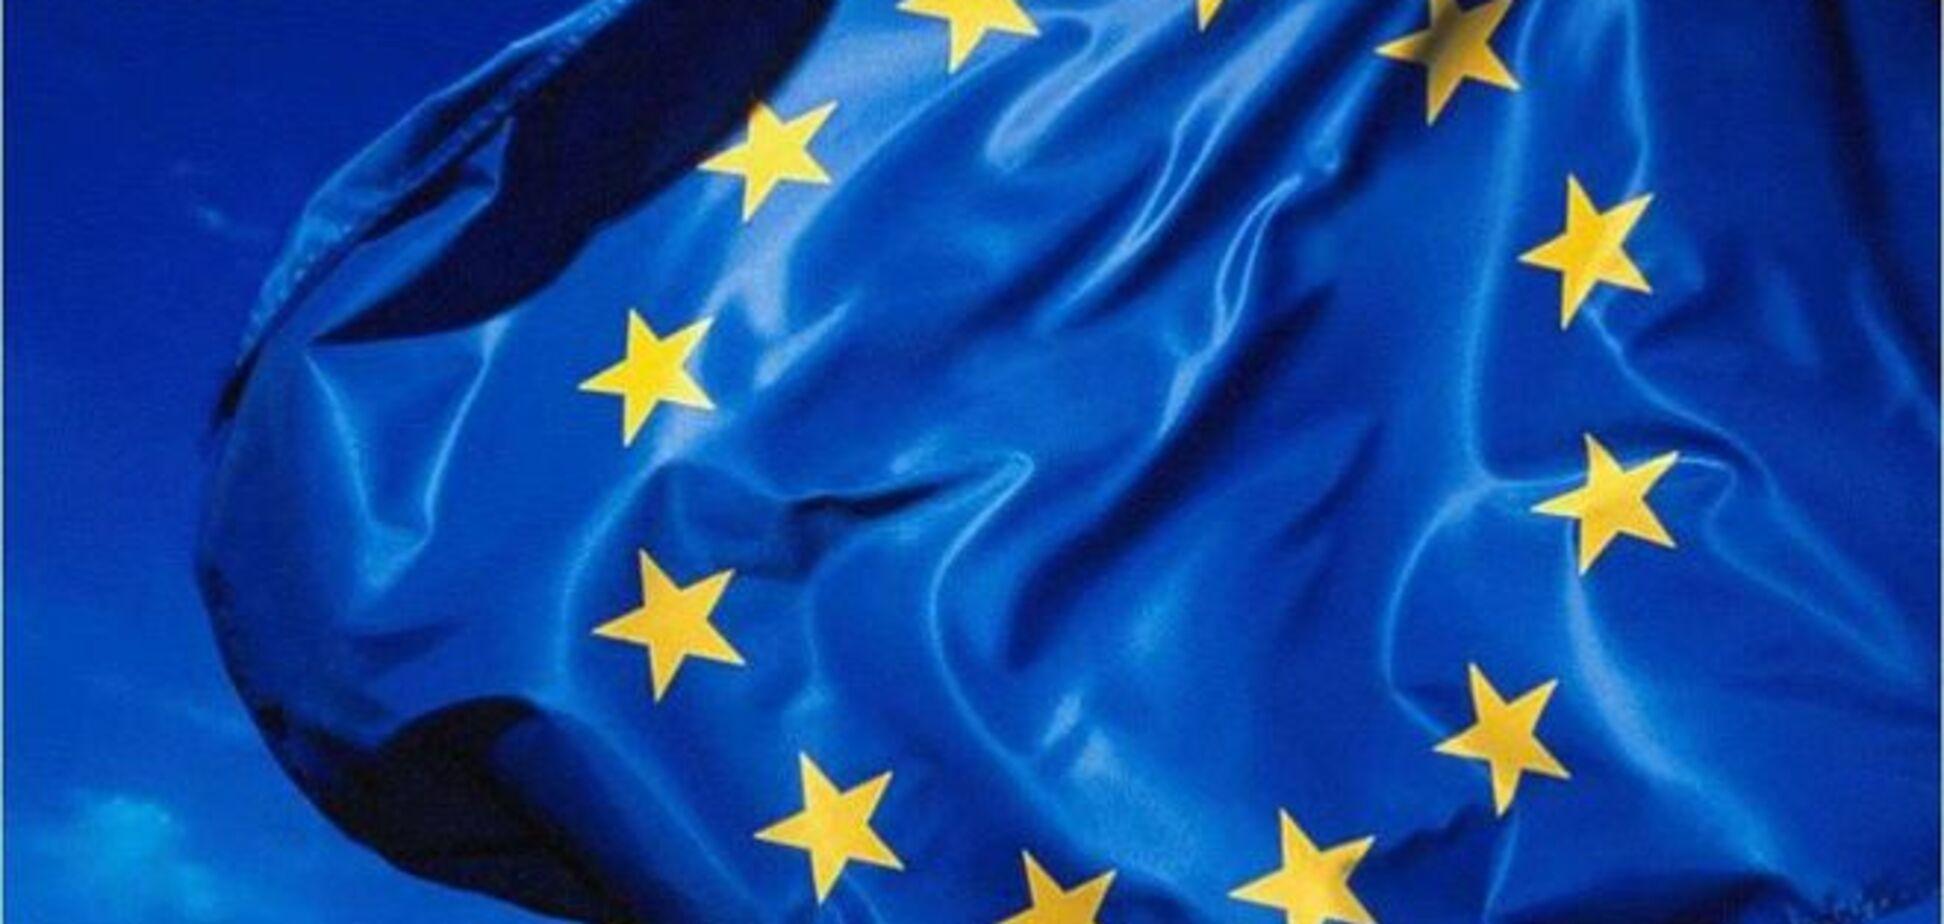 ЄС виступив проти референдуму 11 травня, назвавши його незаконним